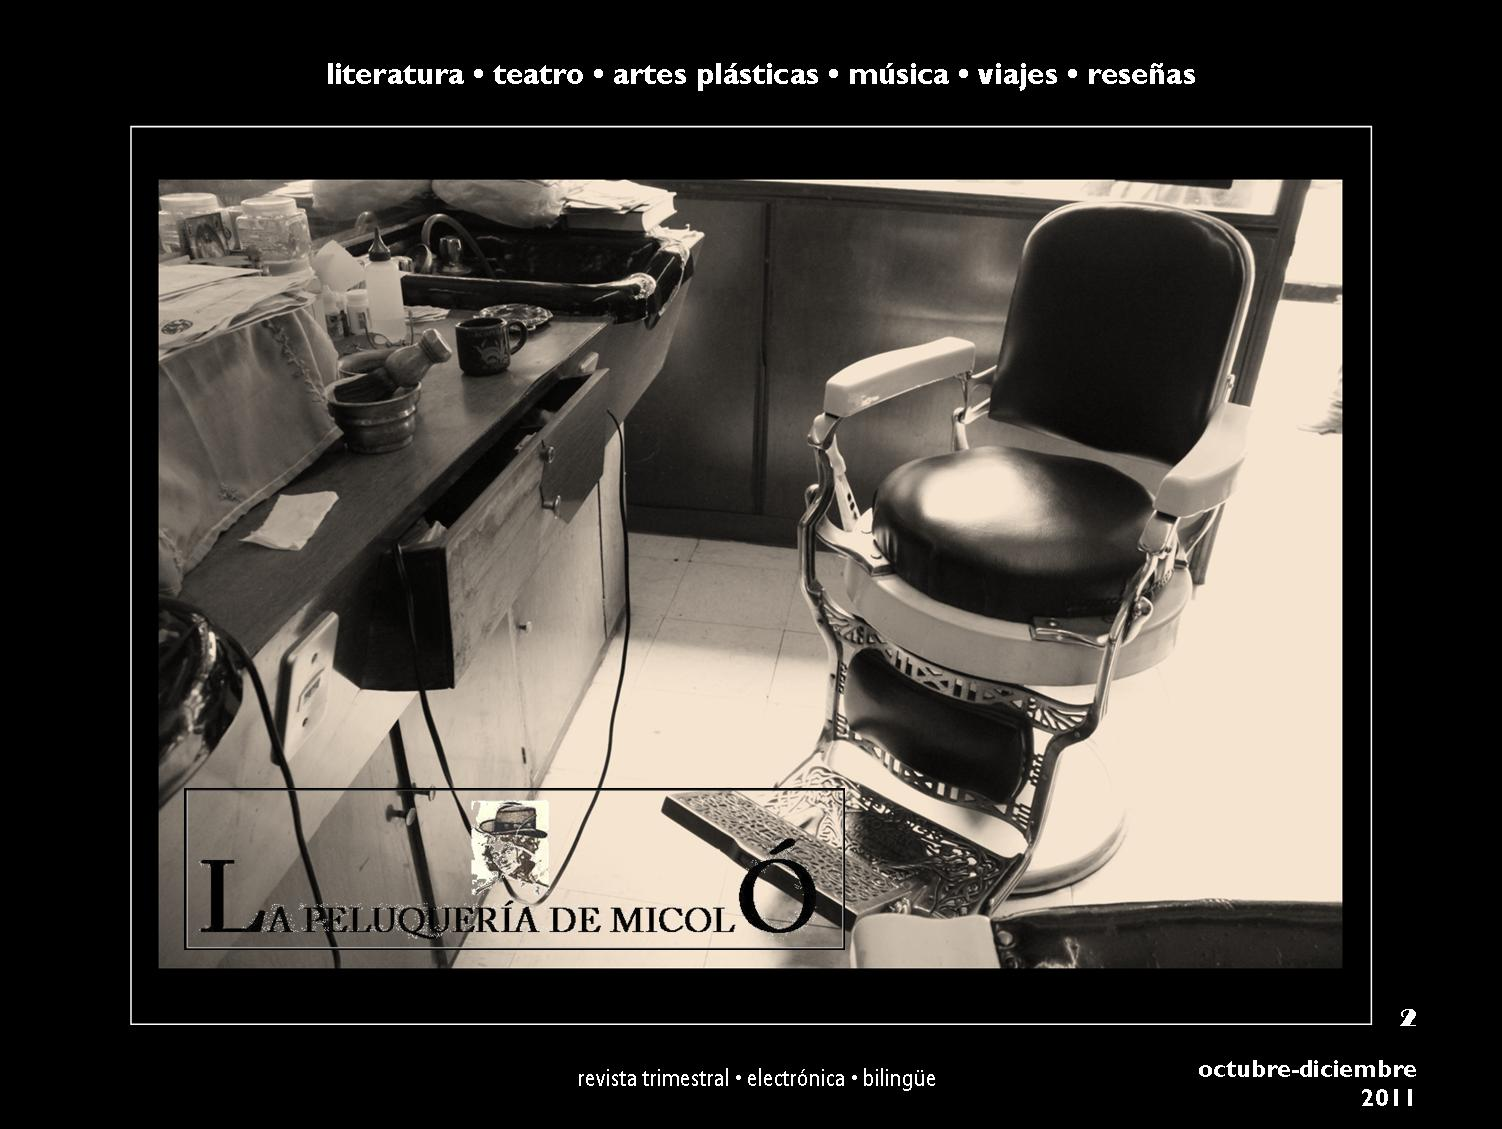 La peluquería de Micoló no. 2